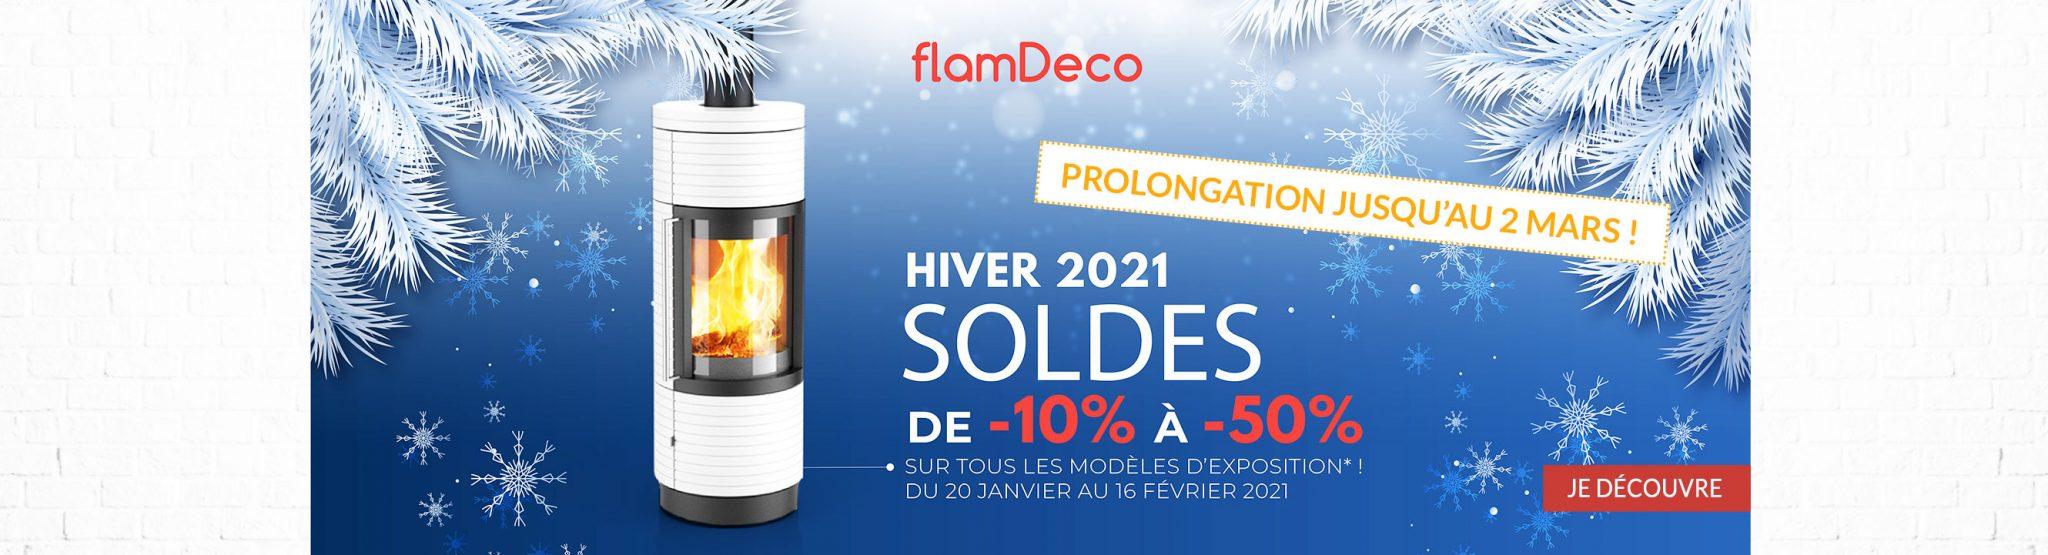 Soldes hiver 2021 FlamDéco